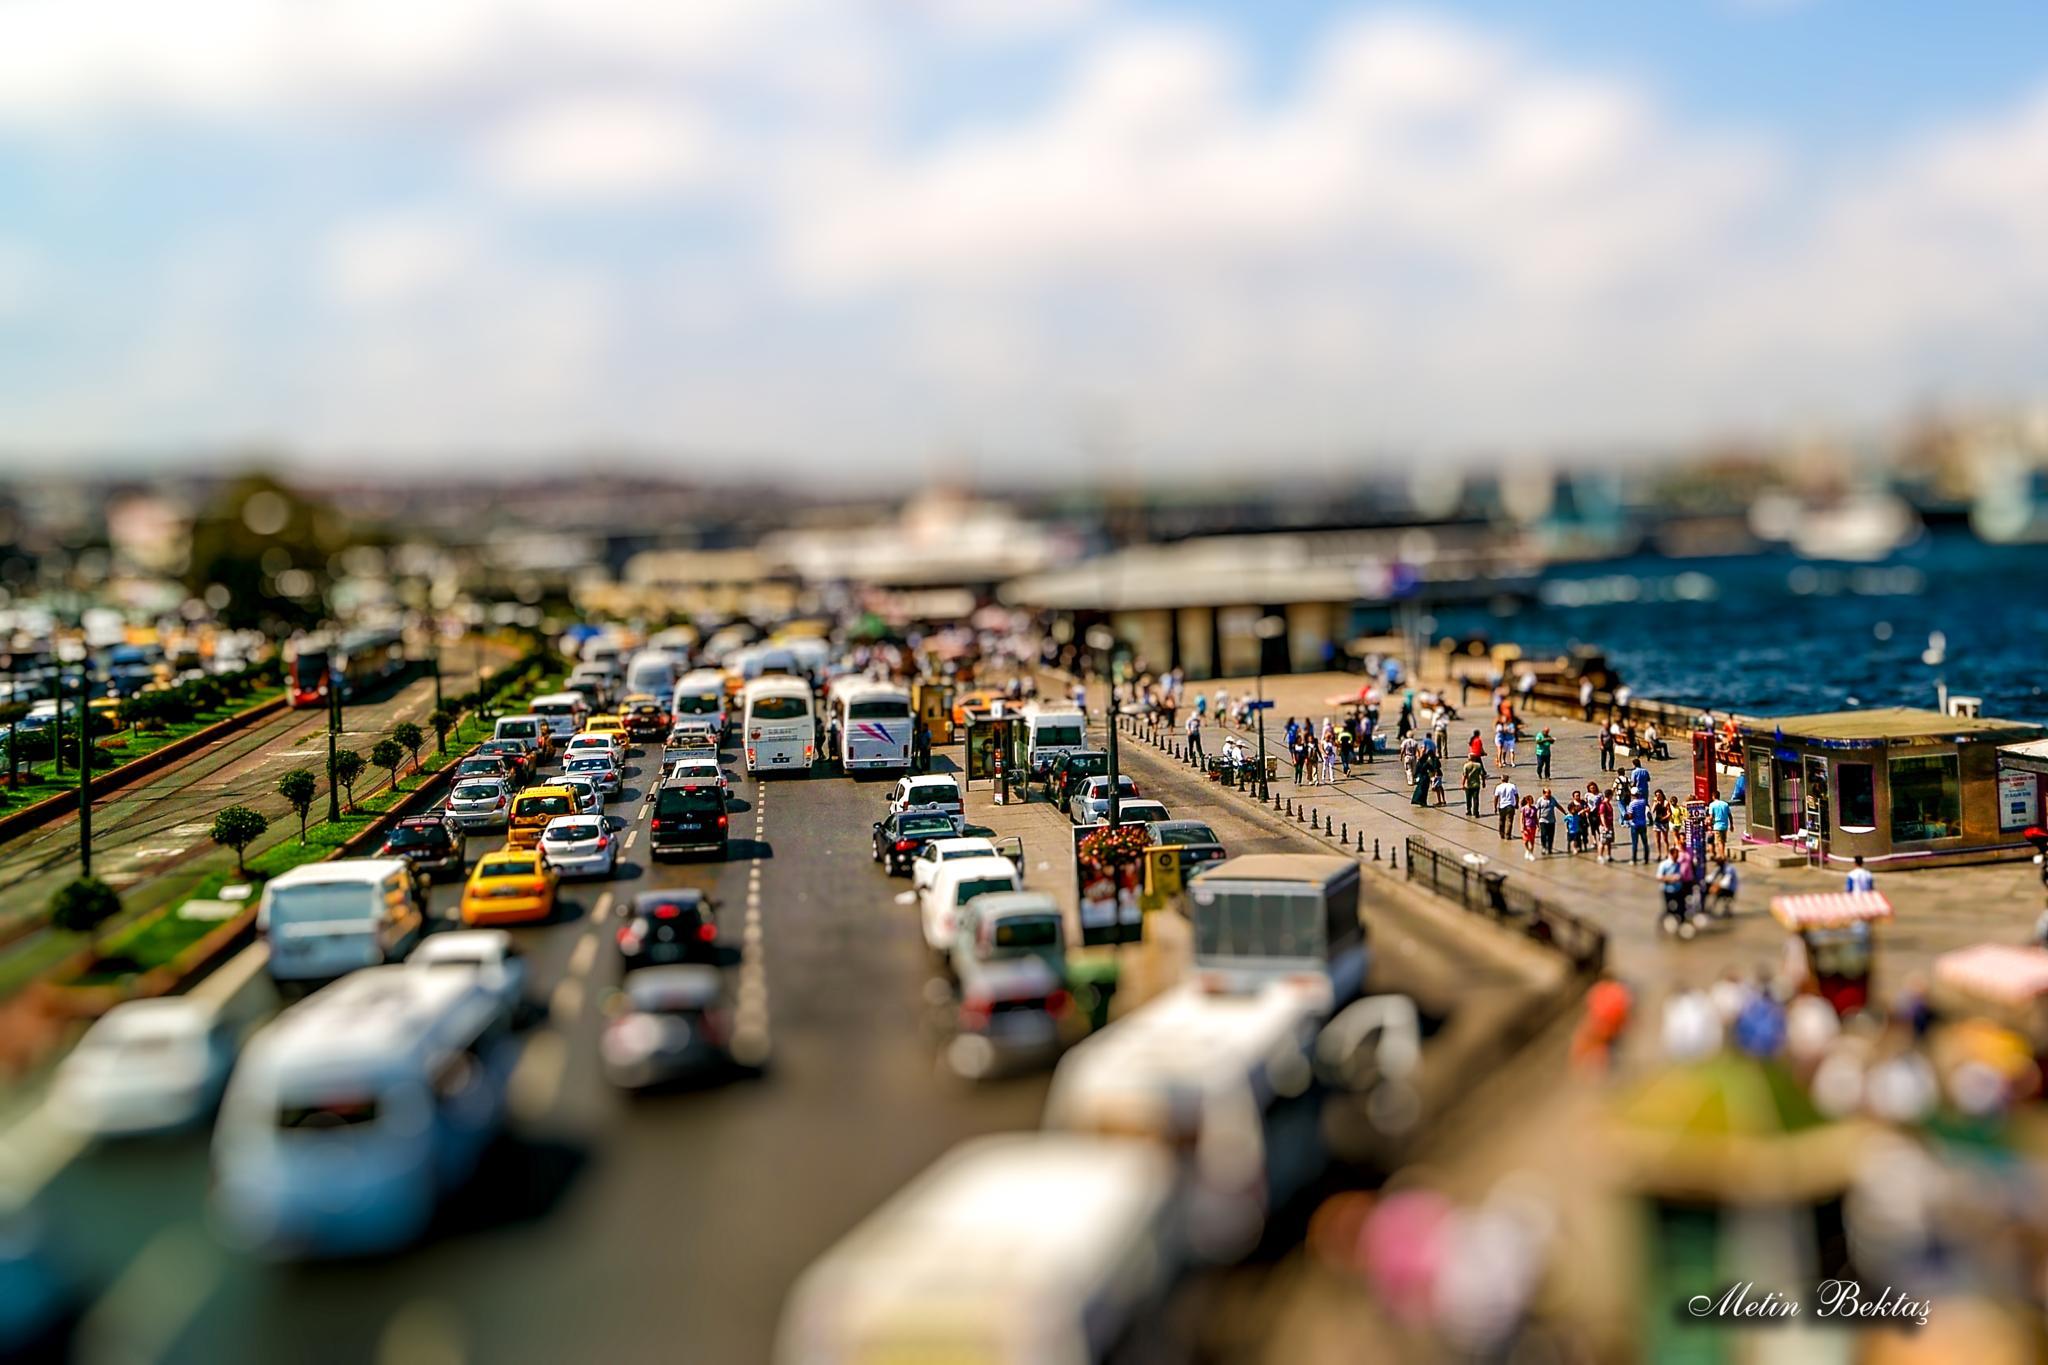 Minyatür (Tilt Shift) Denemeleri  Eminönü / Istanbul by Metin Bektaş